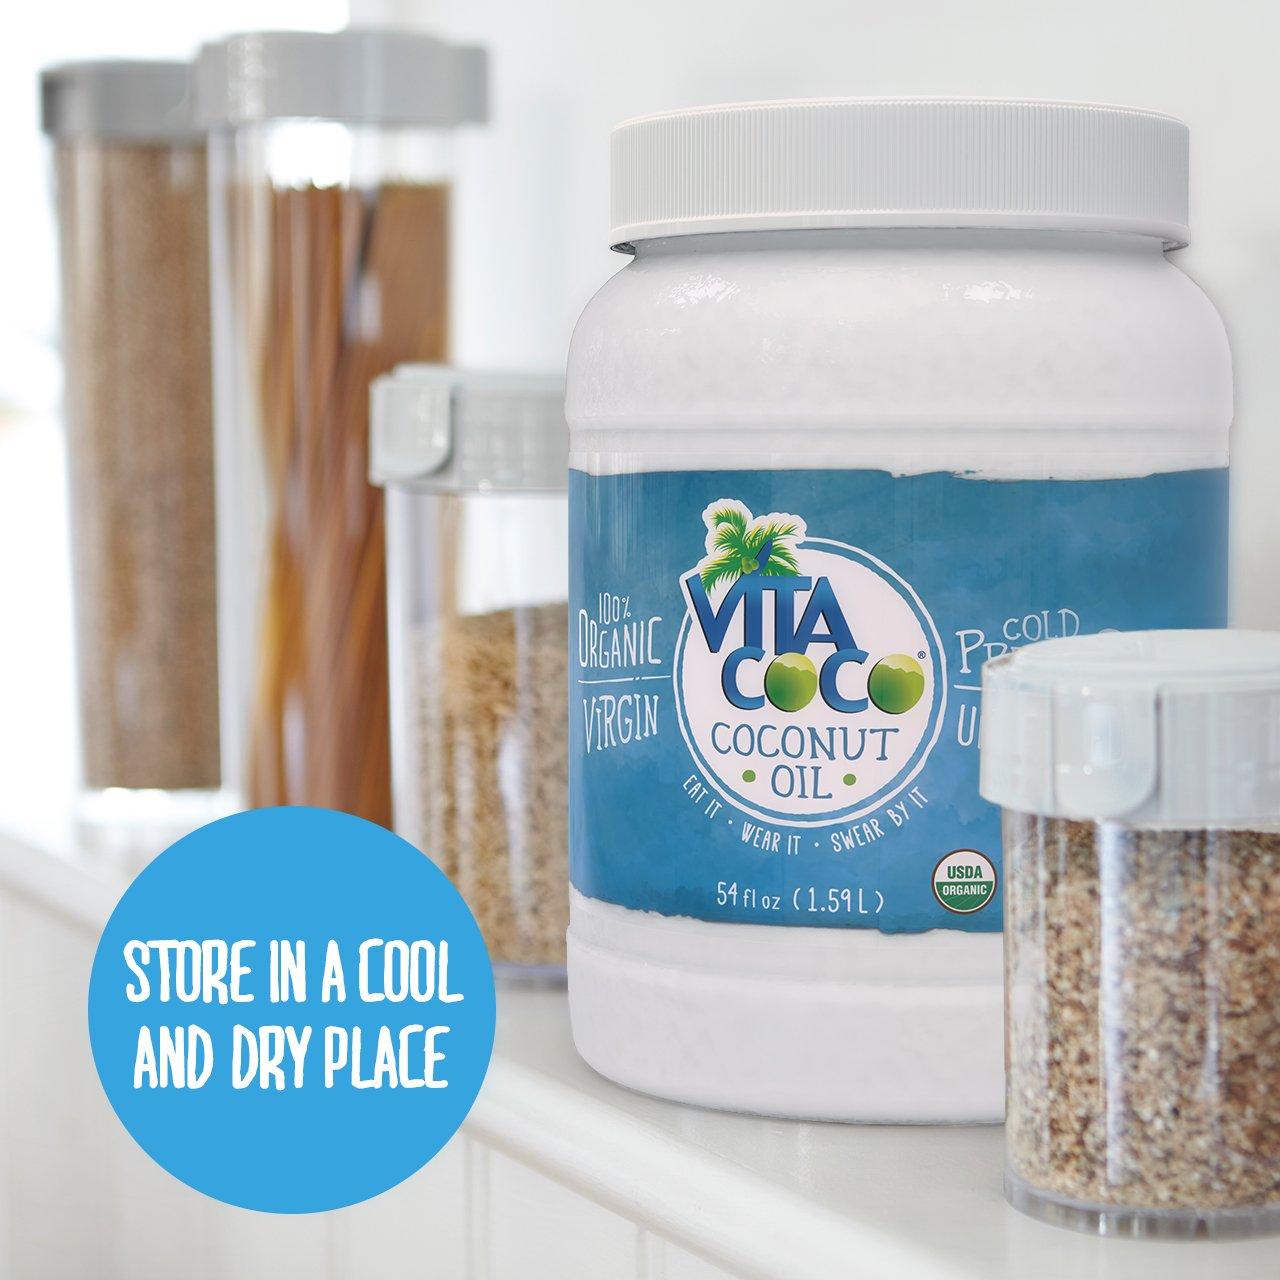 Vita Coco Organic Virgin Coconut Oil, 54 Oz - Non GMO Cold Pressed Gluten Free Unrefined Oil - Used For Cooking Oil - Great for Skin Moisturizer or Hair Shampoo - BPA Free Plastic Jar by Vita Coco (Image #8)